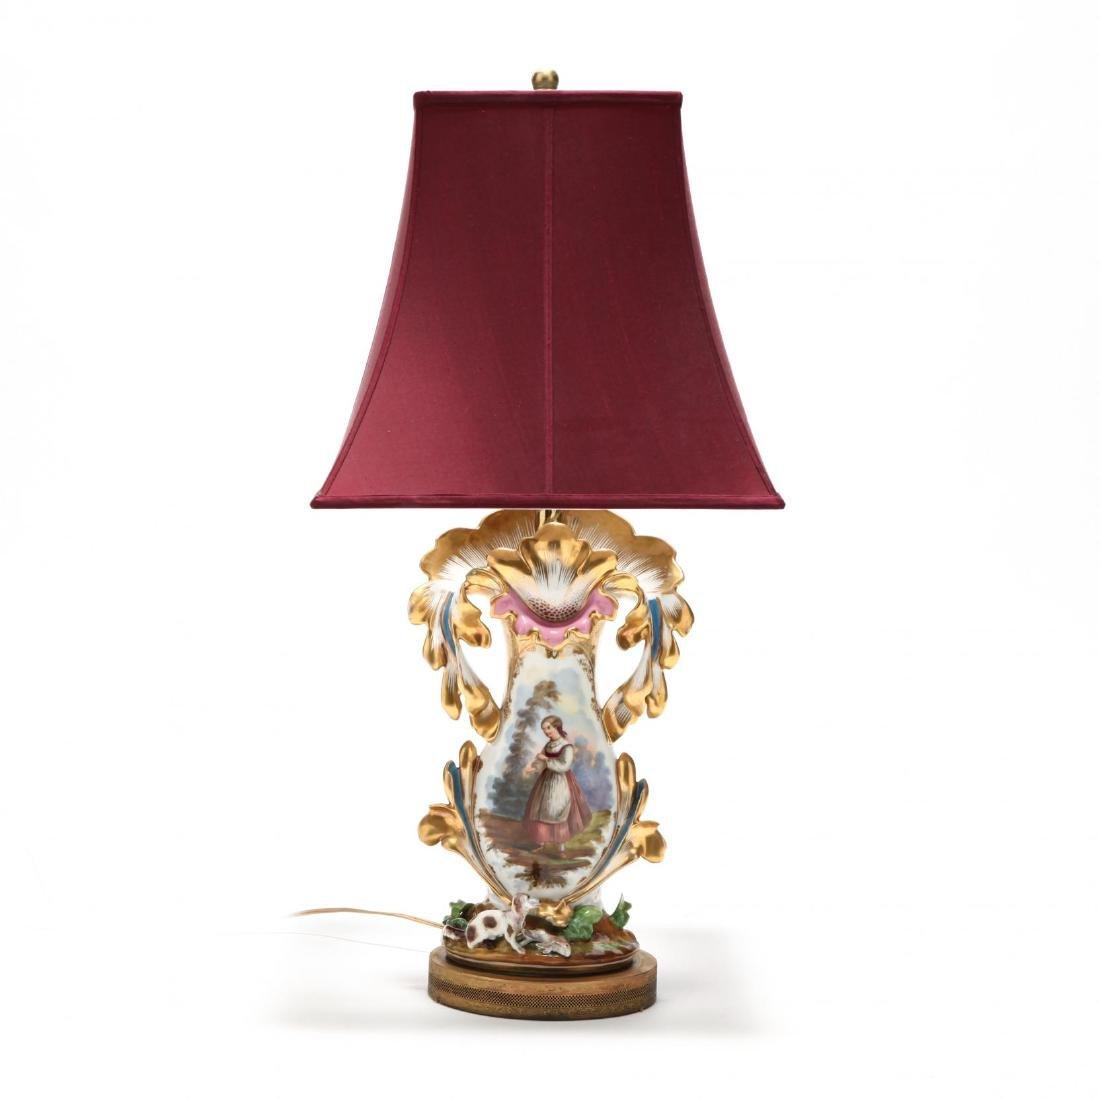 Antique Paris Porcelain Table Lamp